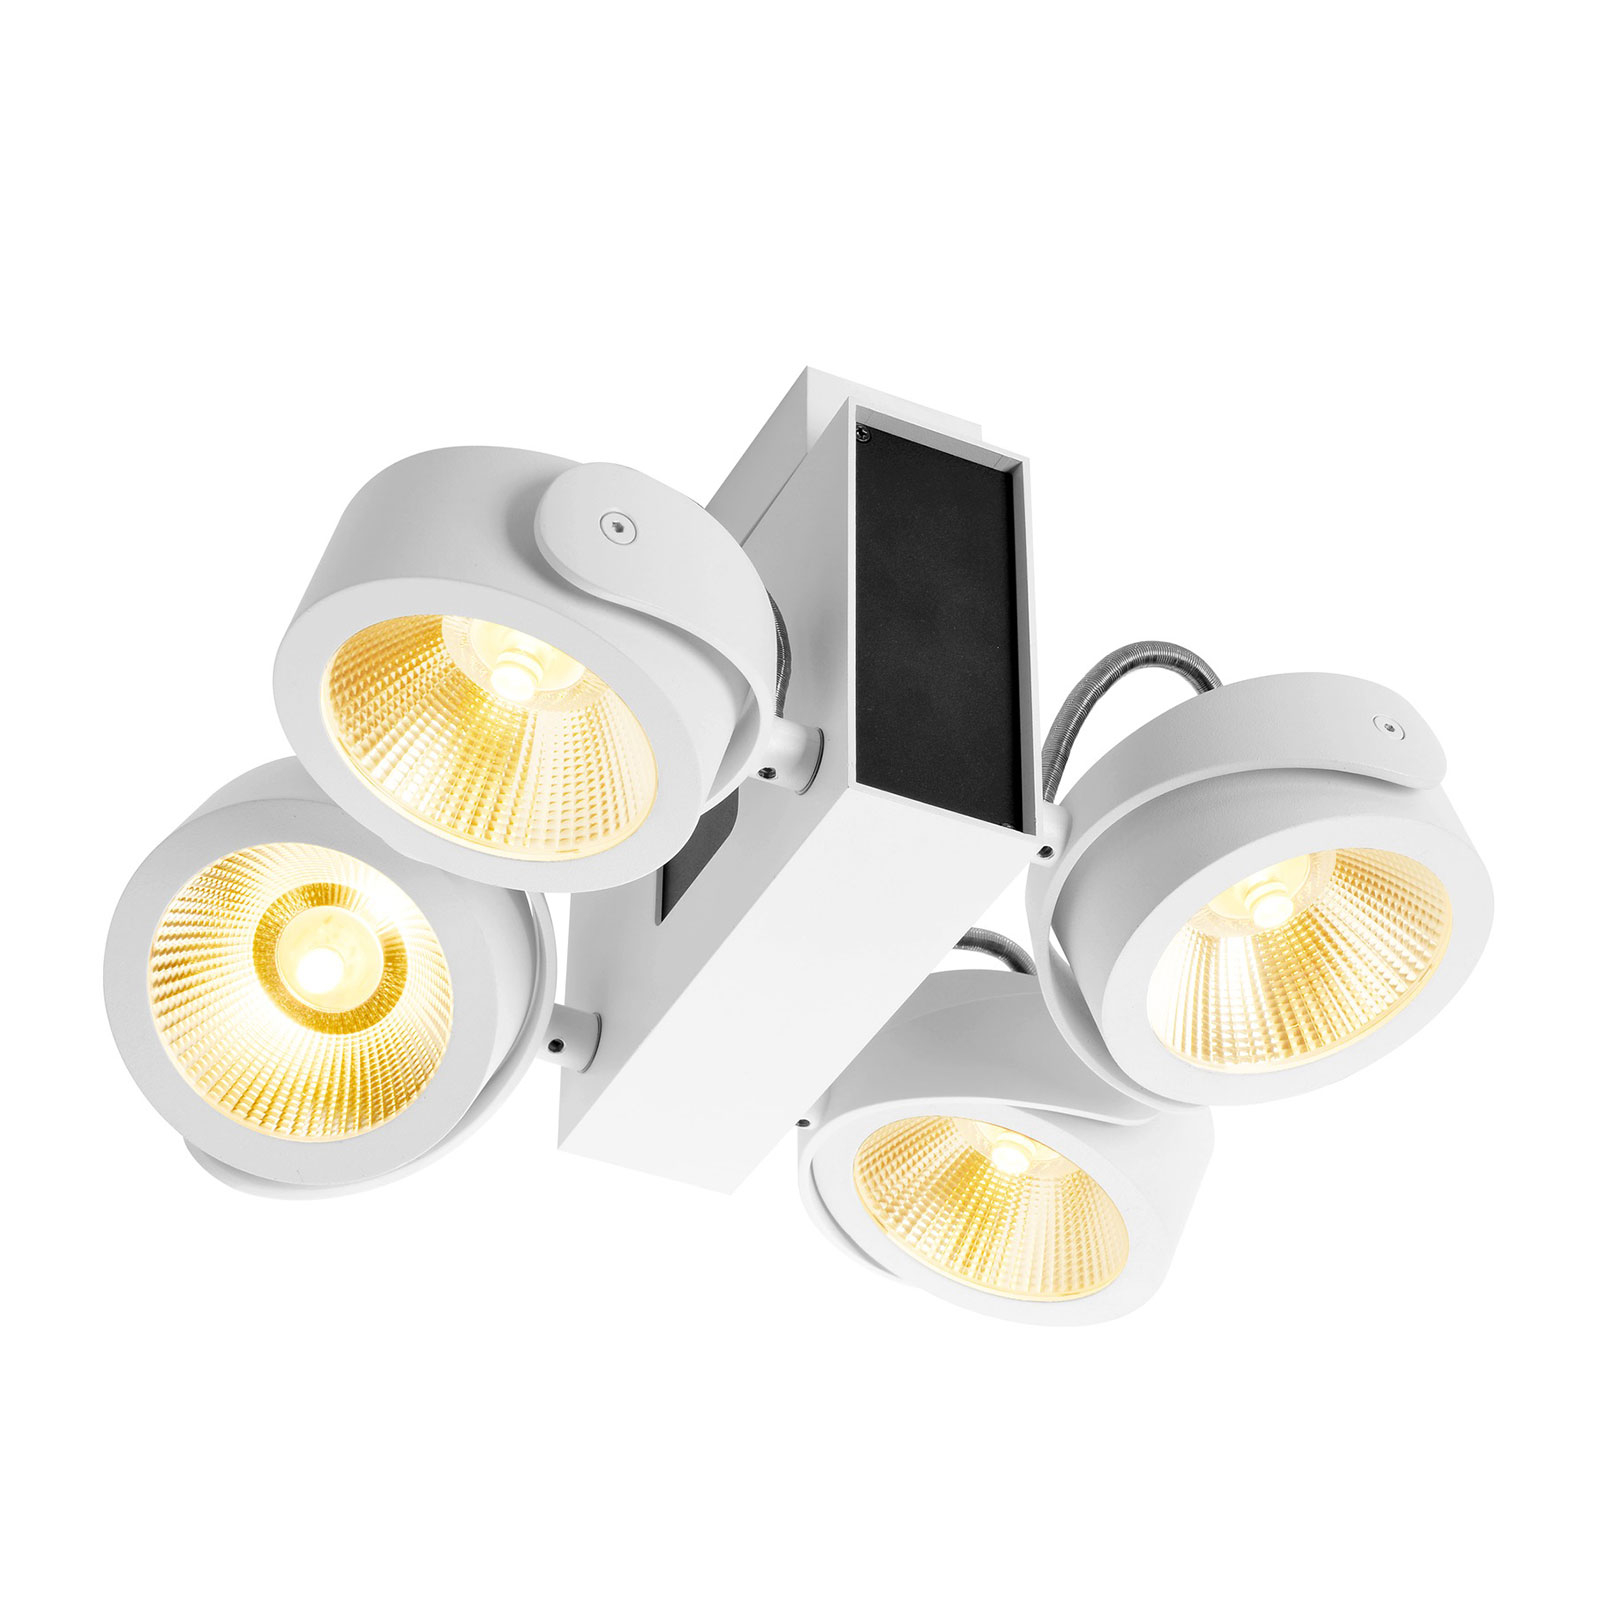 SLV Tec Kalu LED downlight 4-bulb, 24° black/white_5504974_1